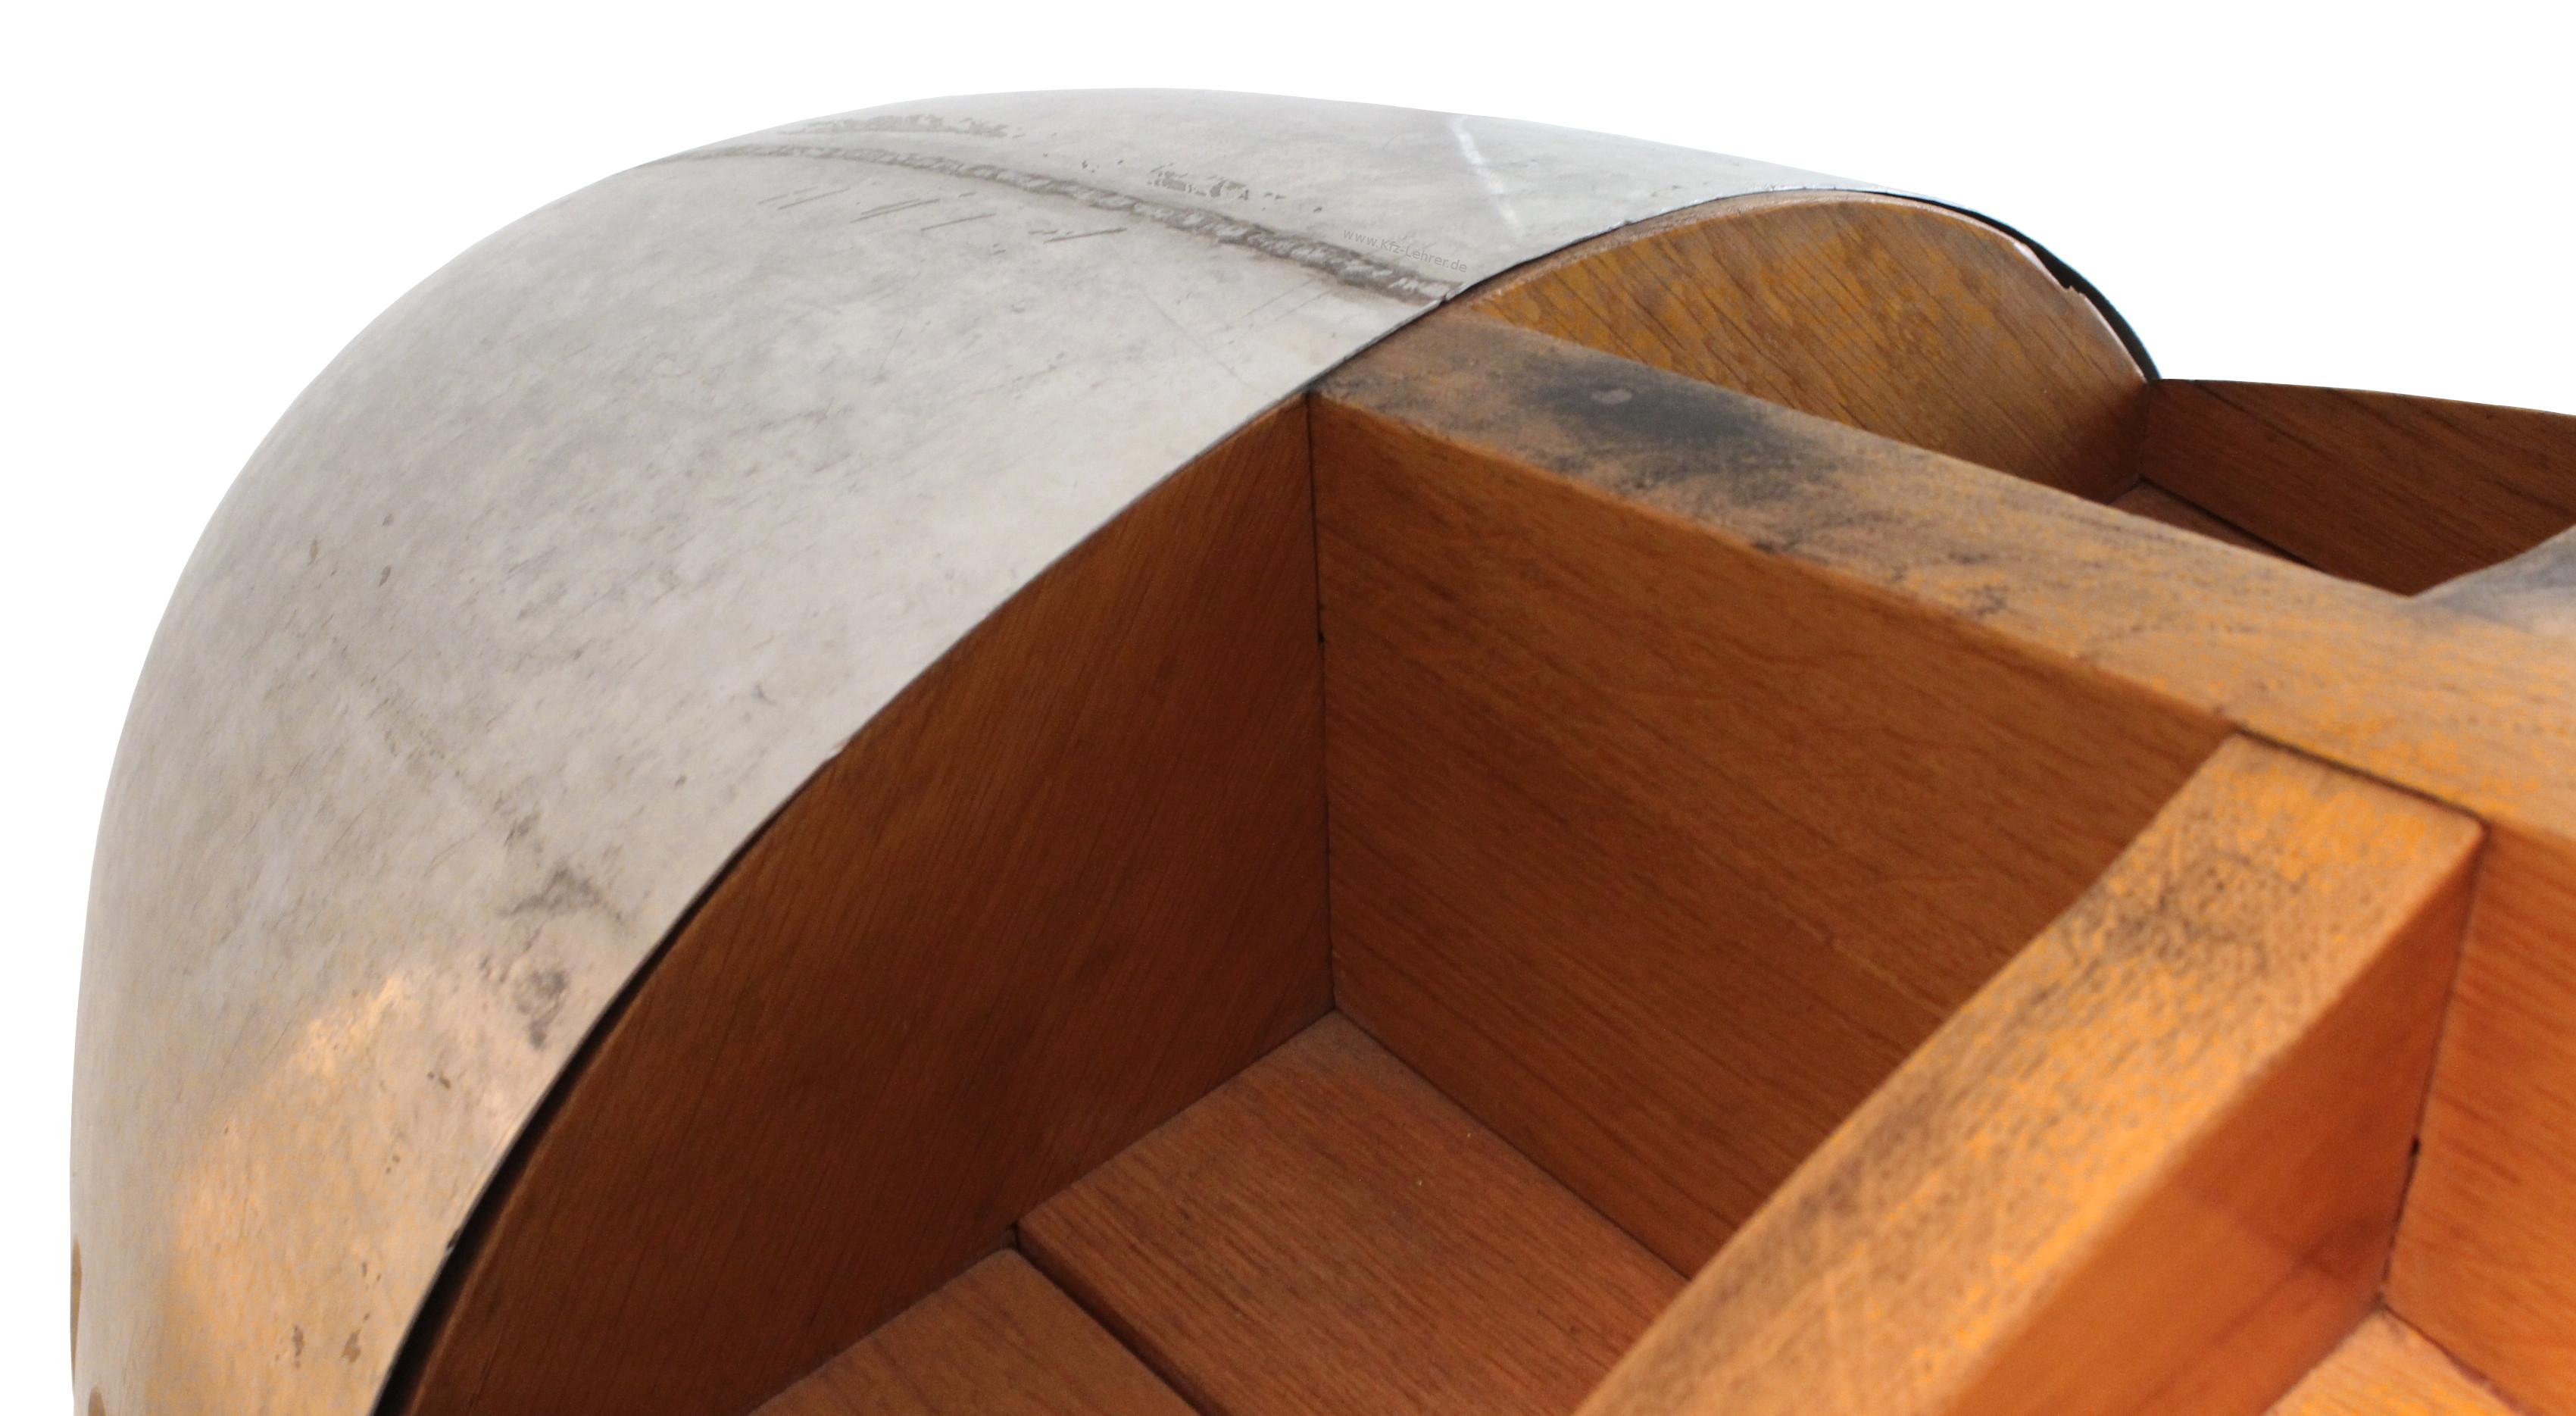 Sie sehen das hintere Teil eines Holzklopfmodelles